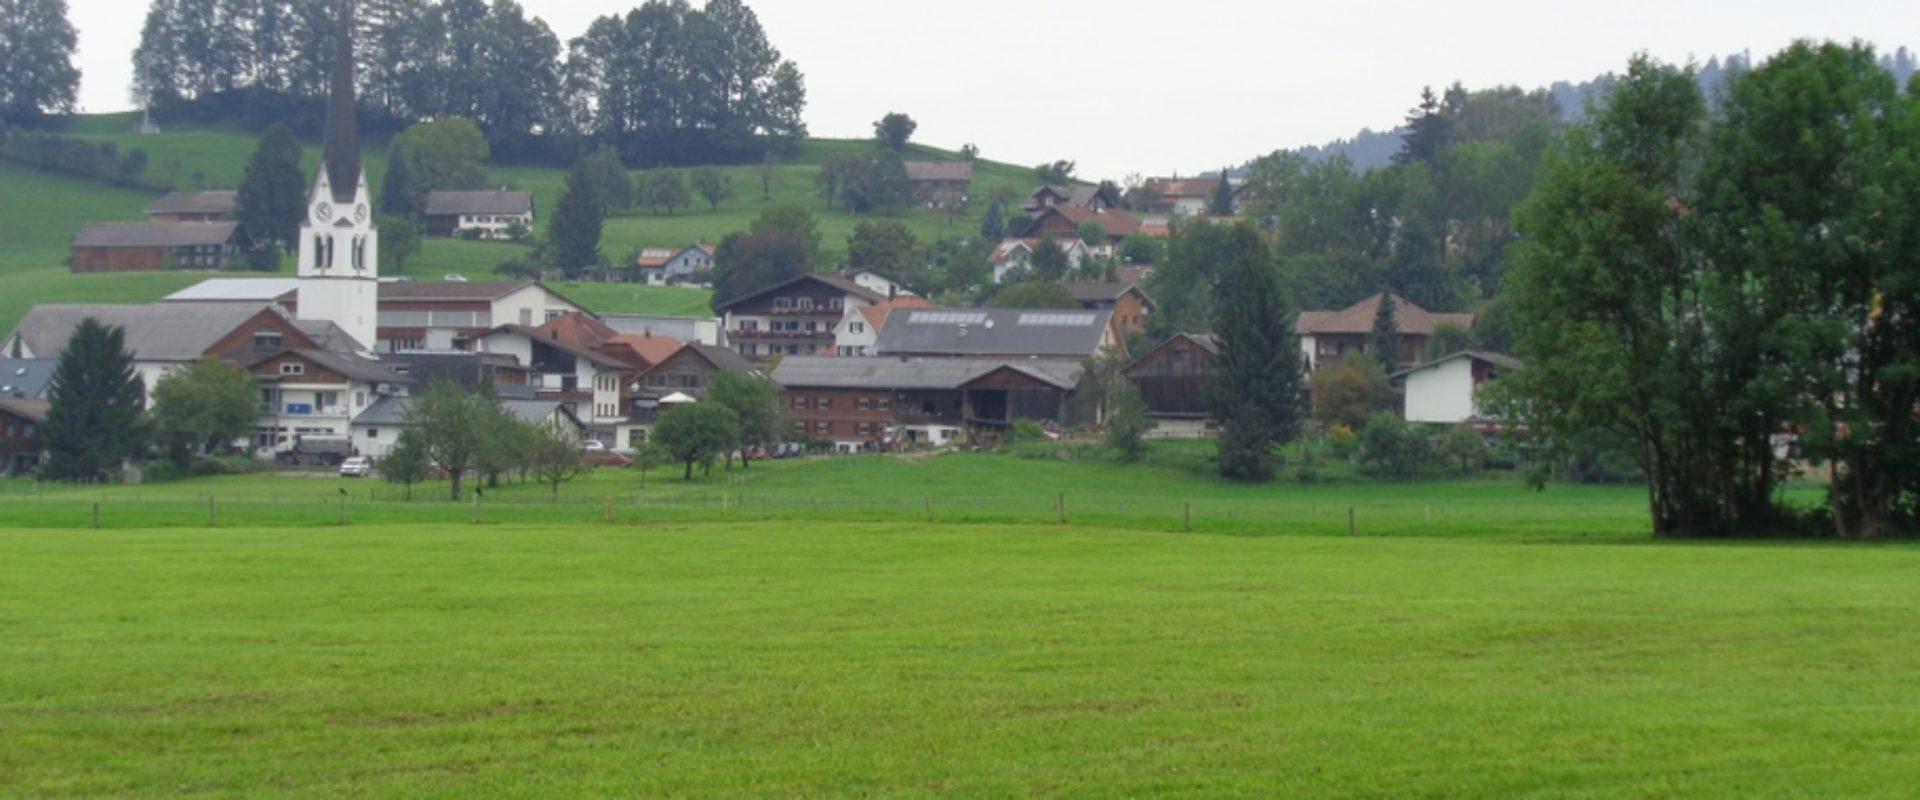 Lingenau Hofrunde